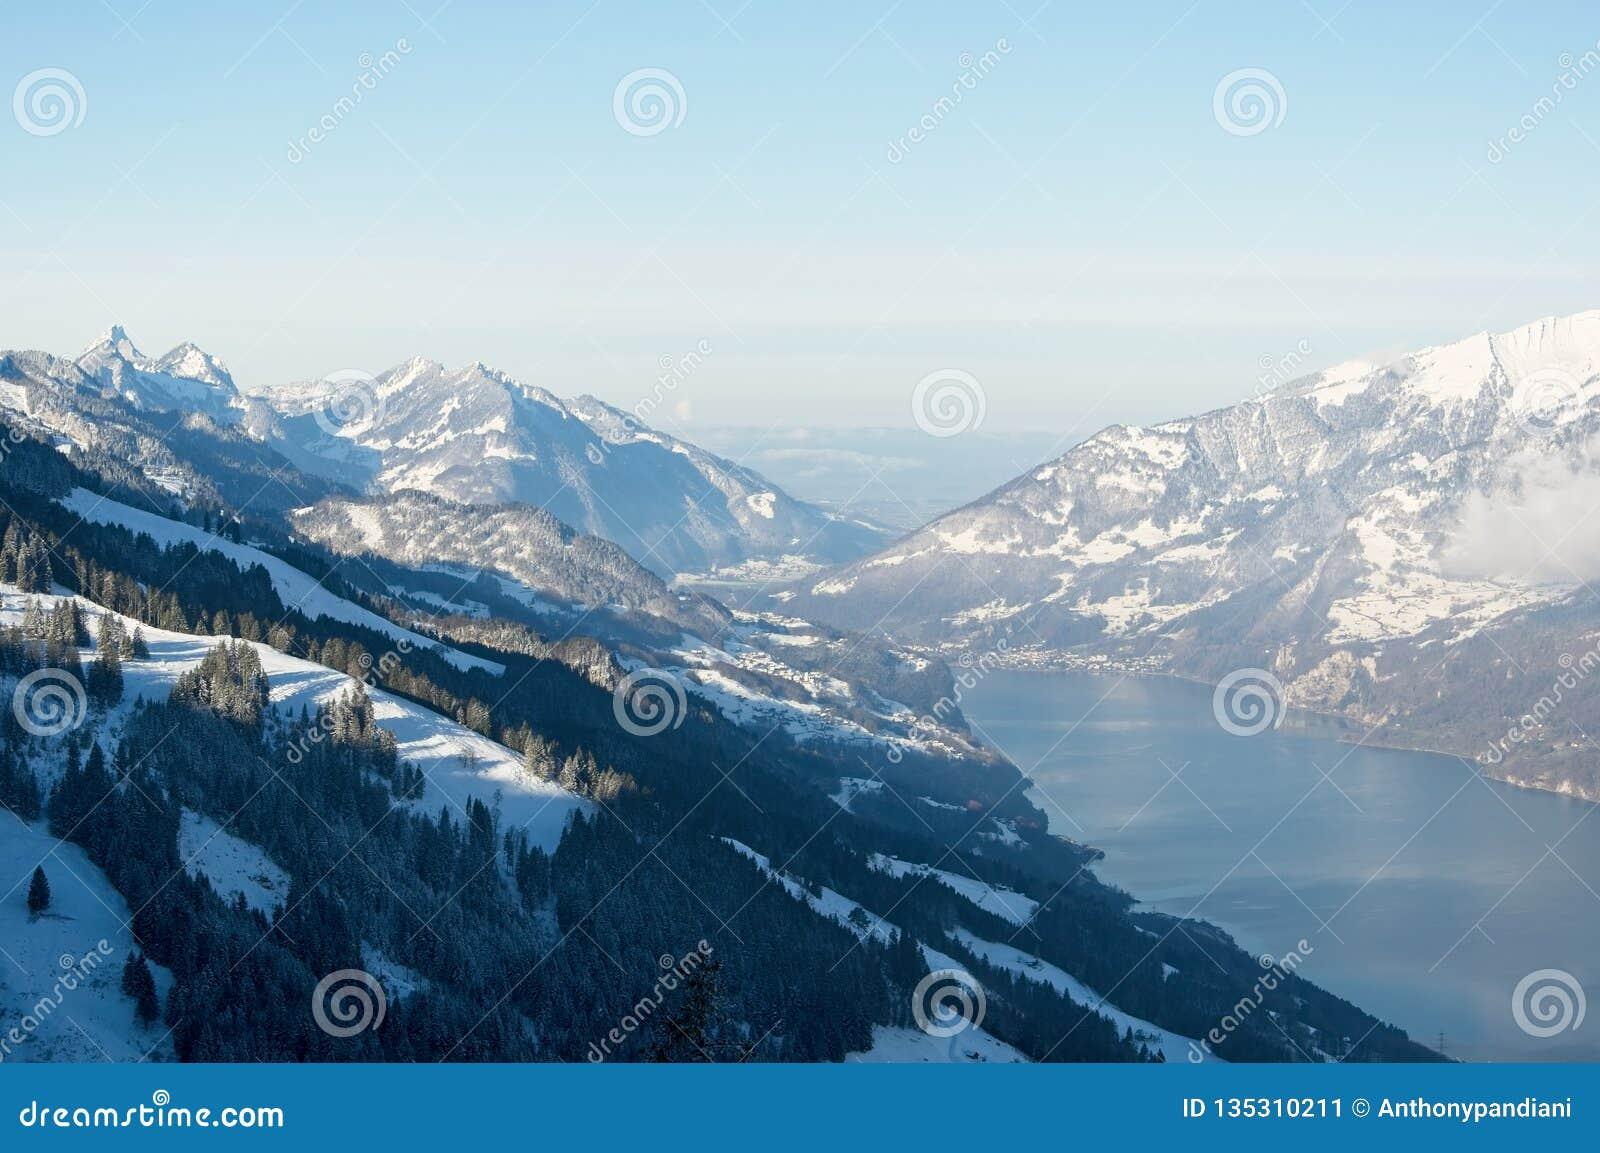 Schöne Ansicht der schneebedeckten Berge und des Sees an einem sonnigen Wintertag